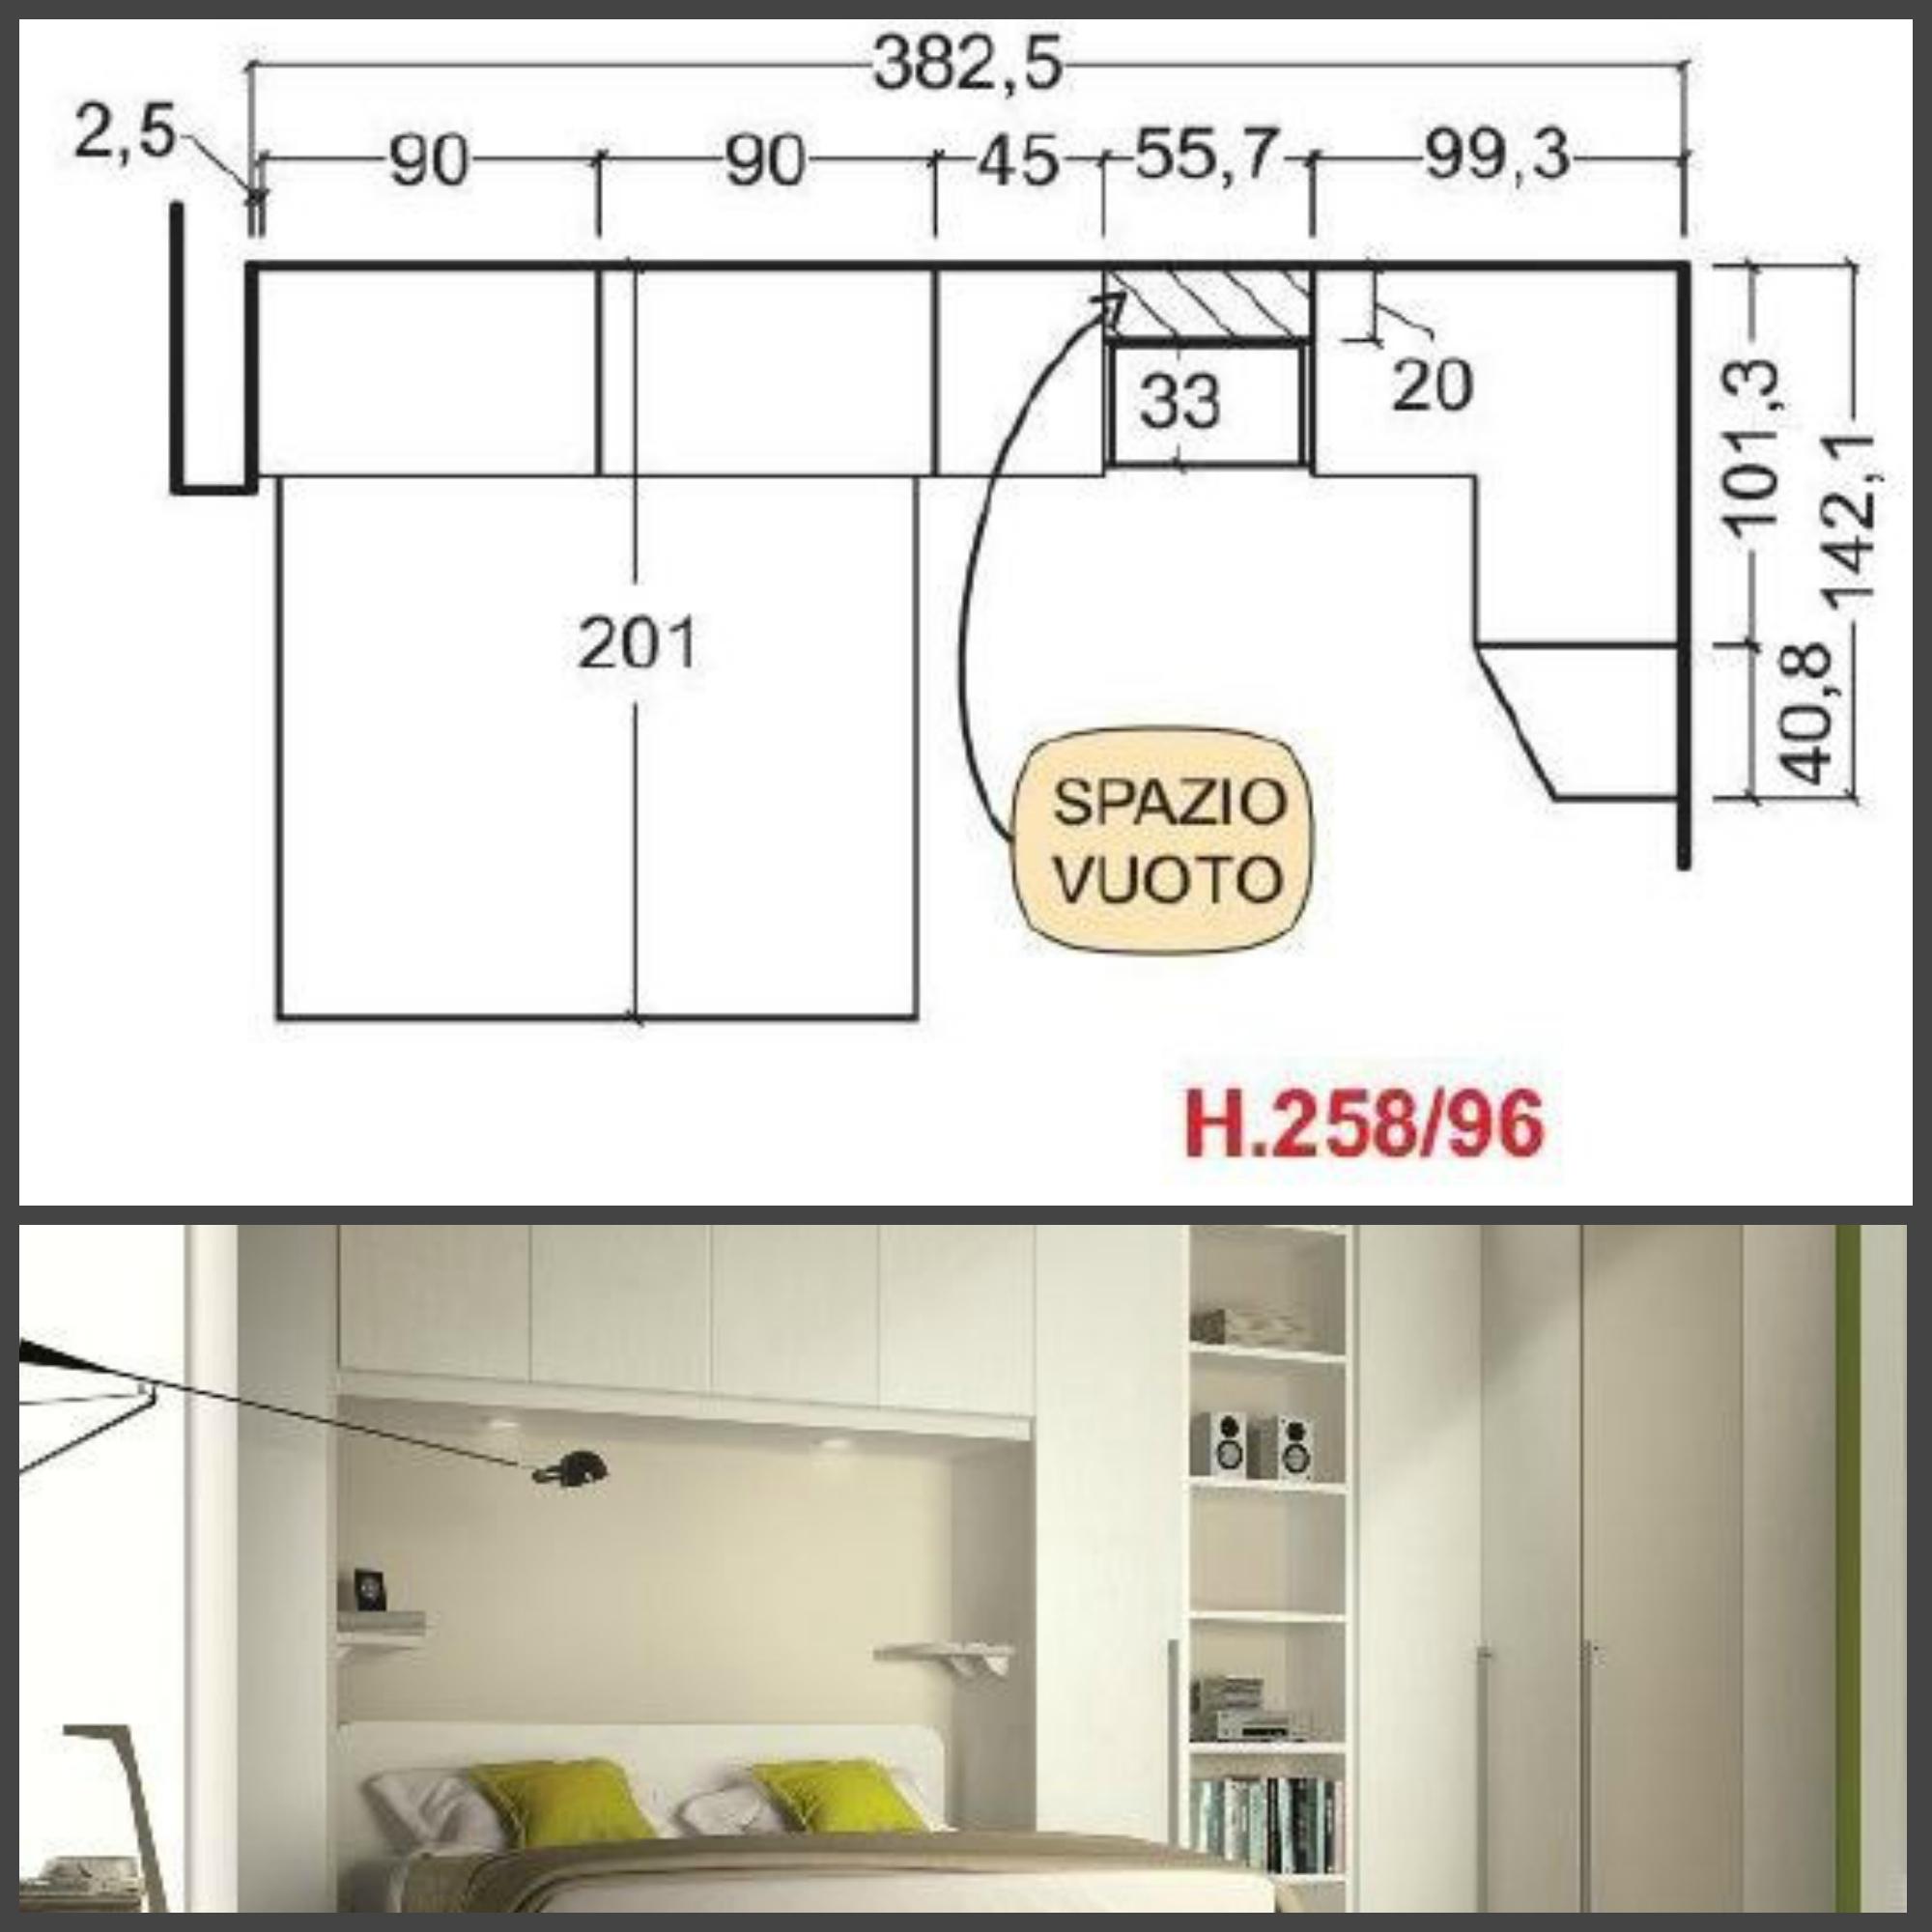 Camera matrimoniale con armadio a ponte e cabina armadio angolare camere a prezzi scontati - Camere da letto con cabina armadio angolare ...